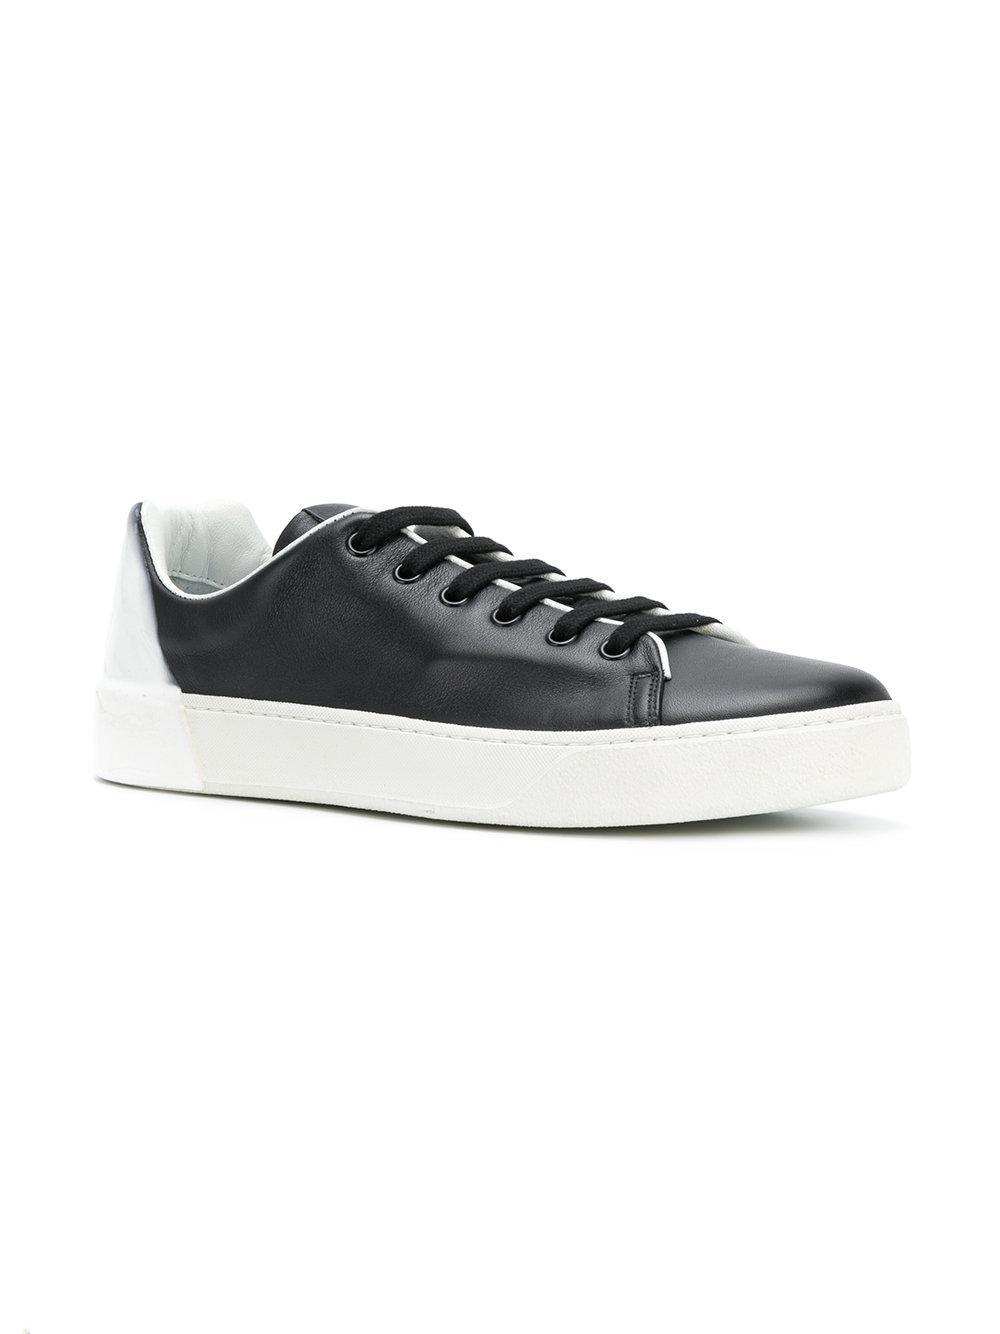 lace-up sneakers - Black Premiata Xf0tz72aKN